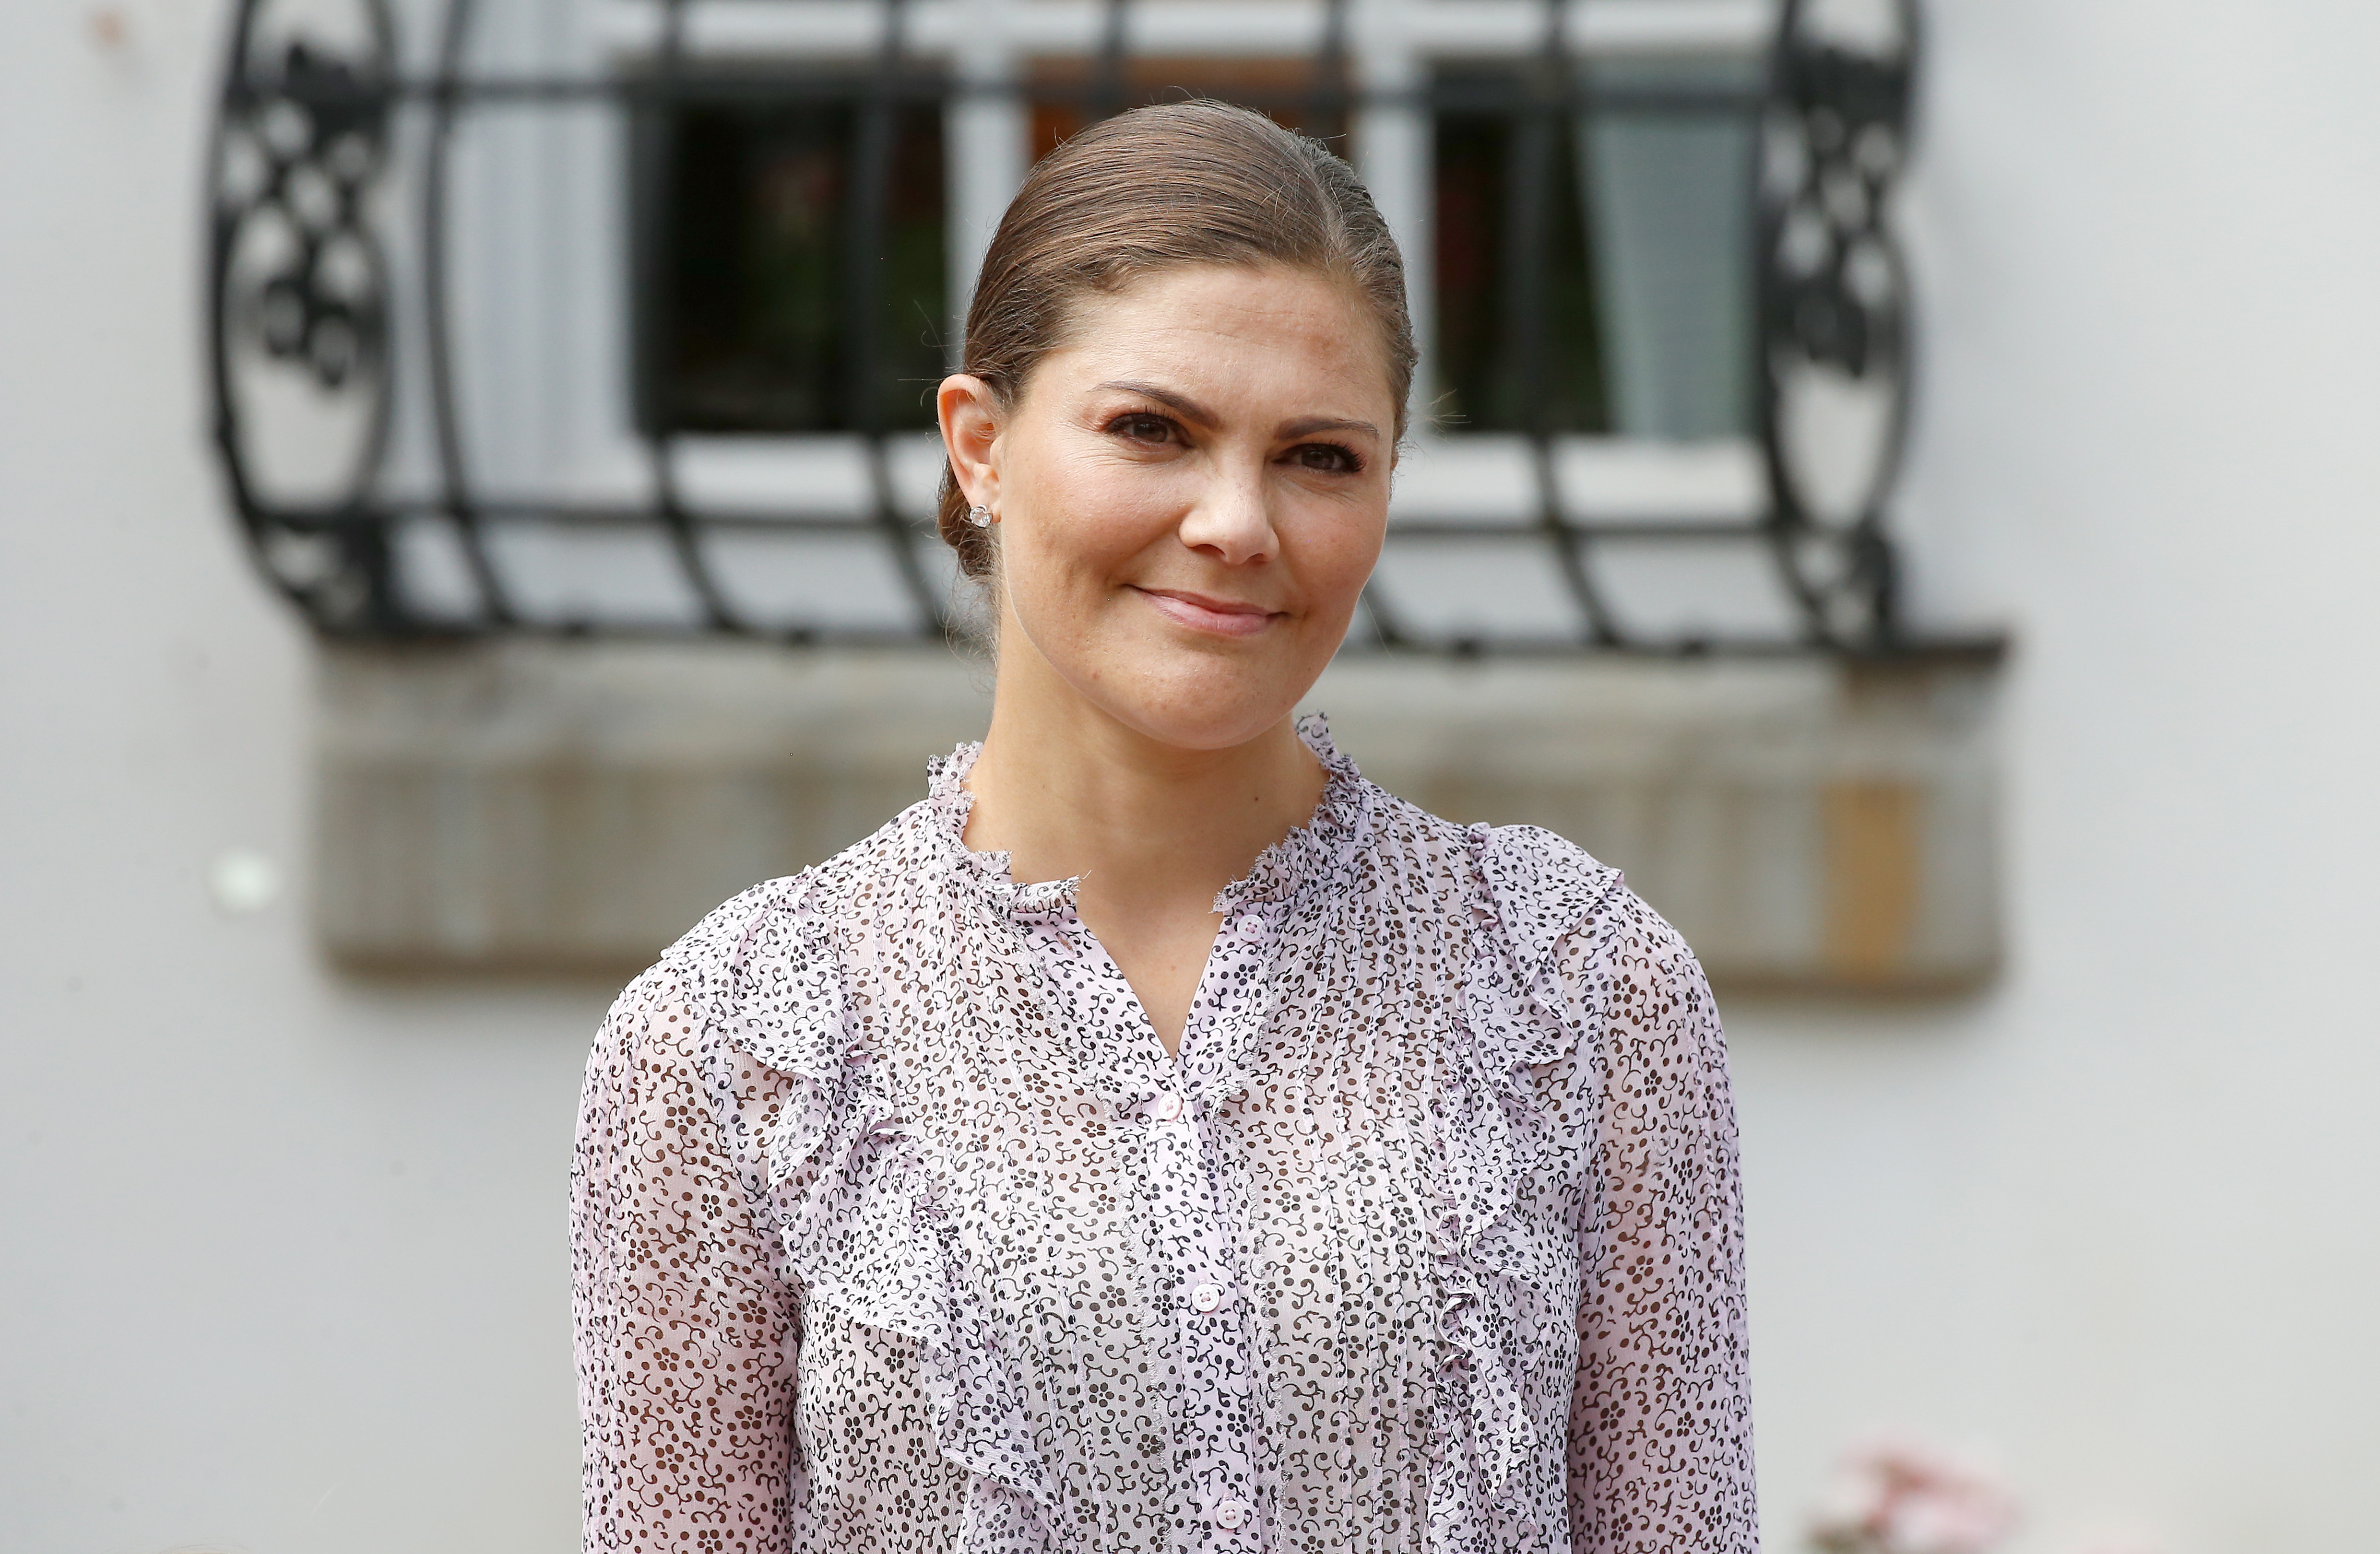 Victoria, Princesa Herdeira e futura Rainha da Suécia